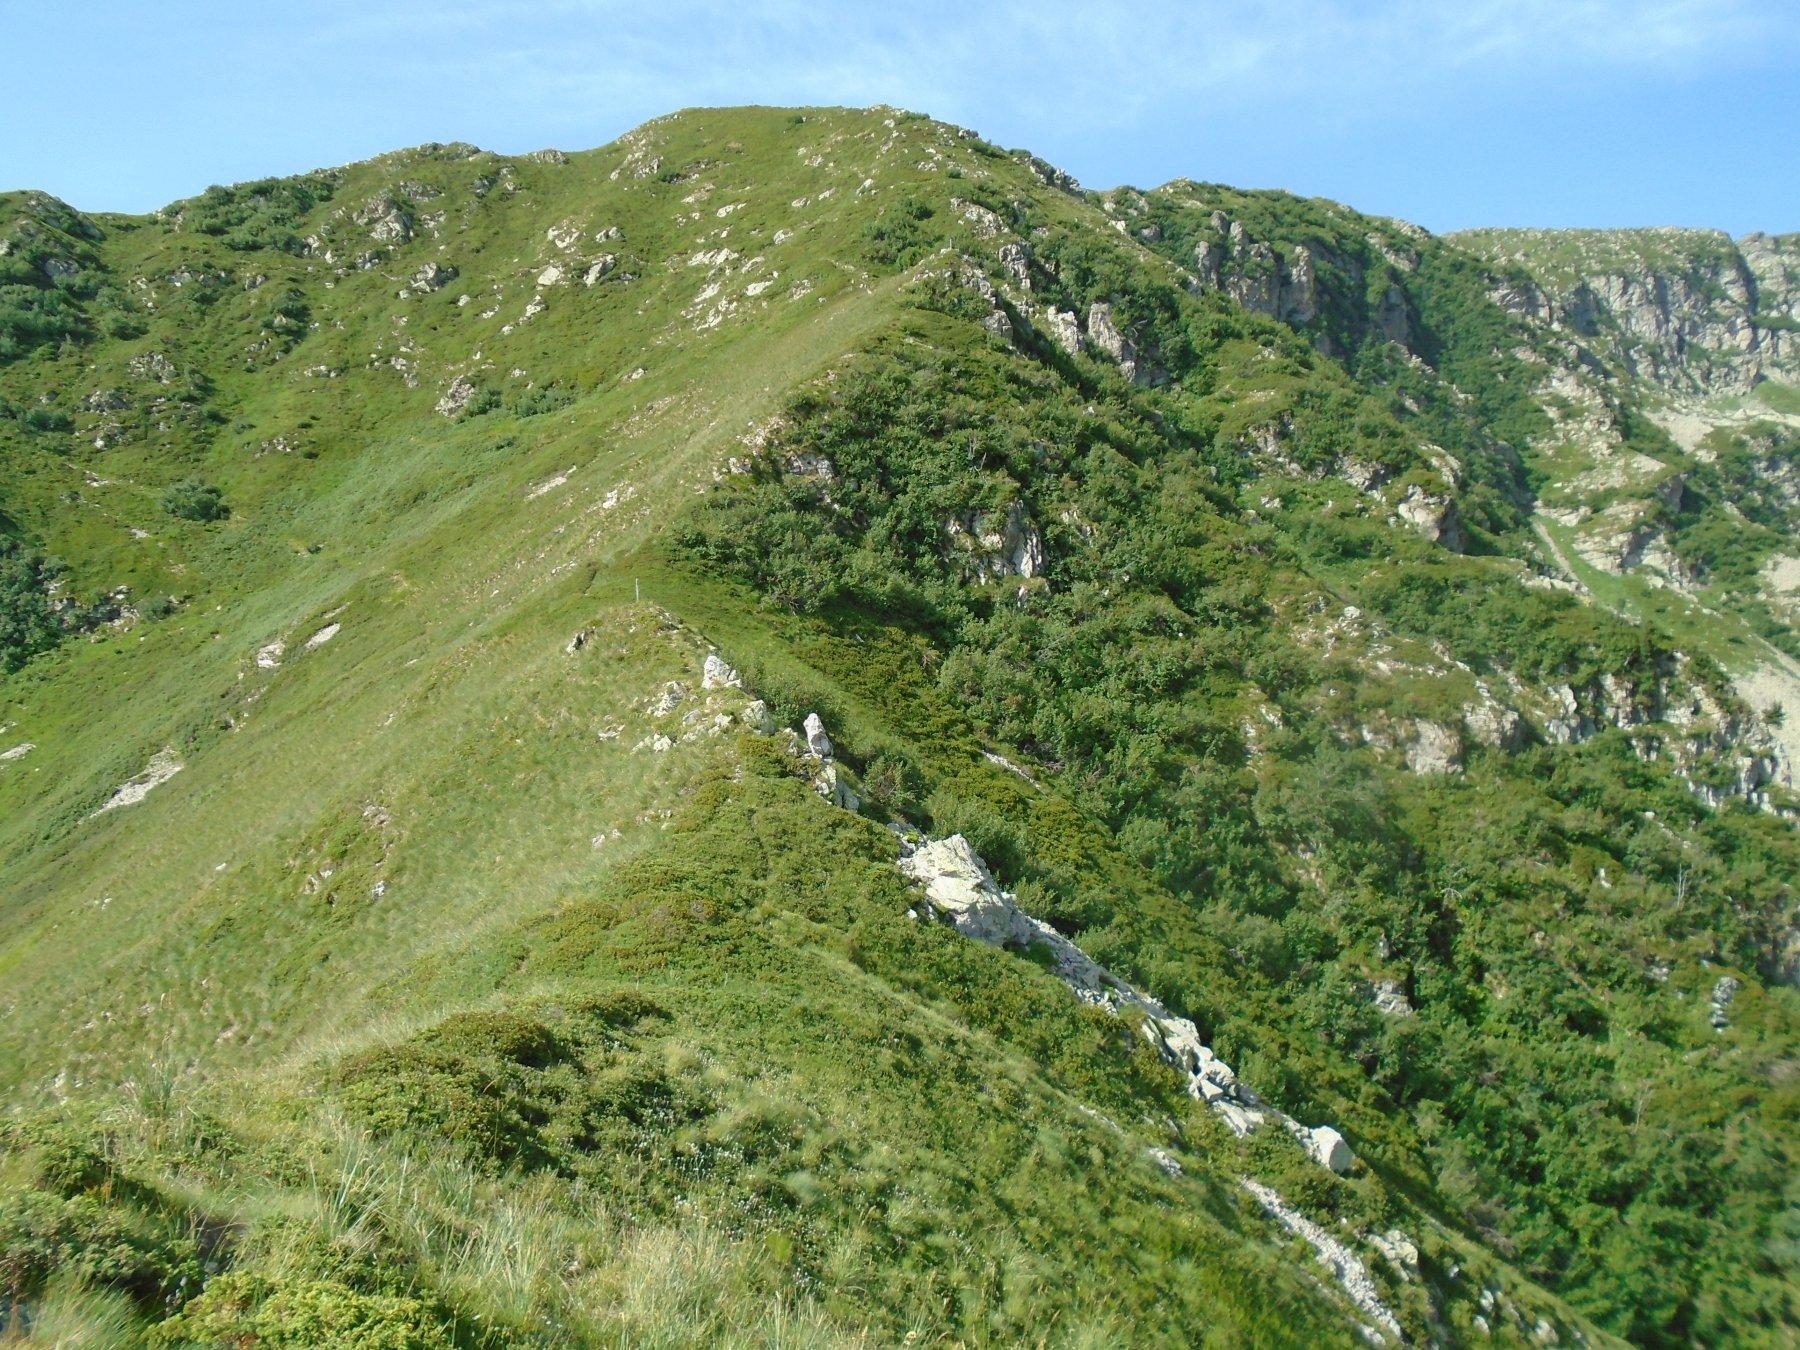 Sguardo indietro su quota 2261 e sulla parte alta della cresta